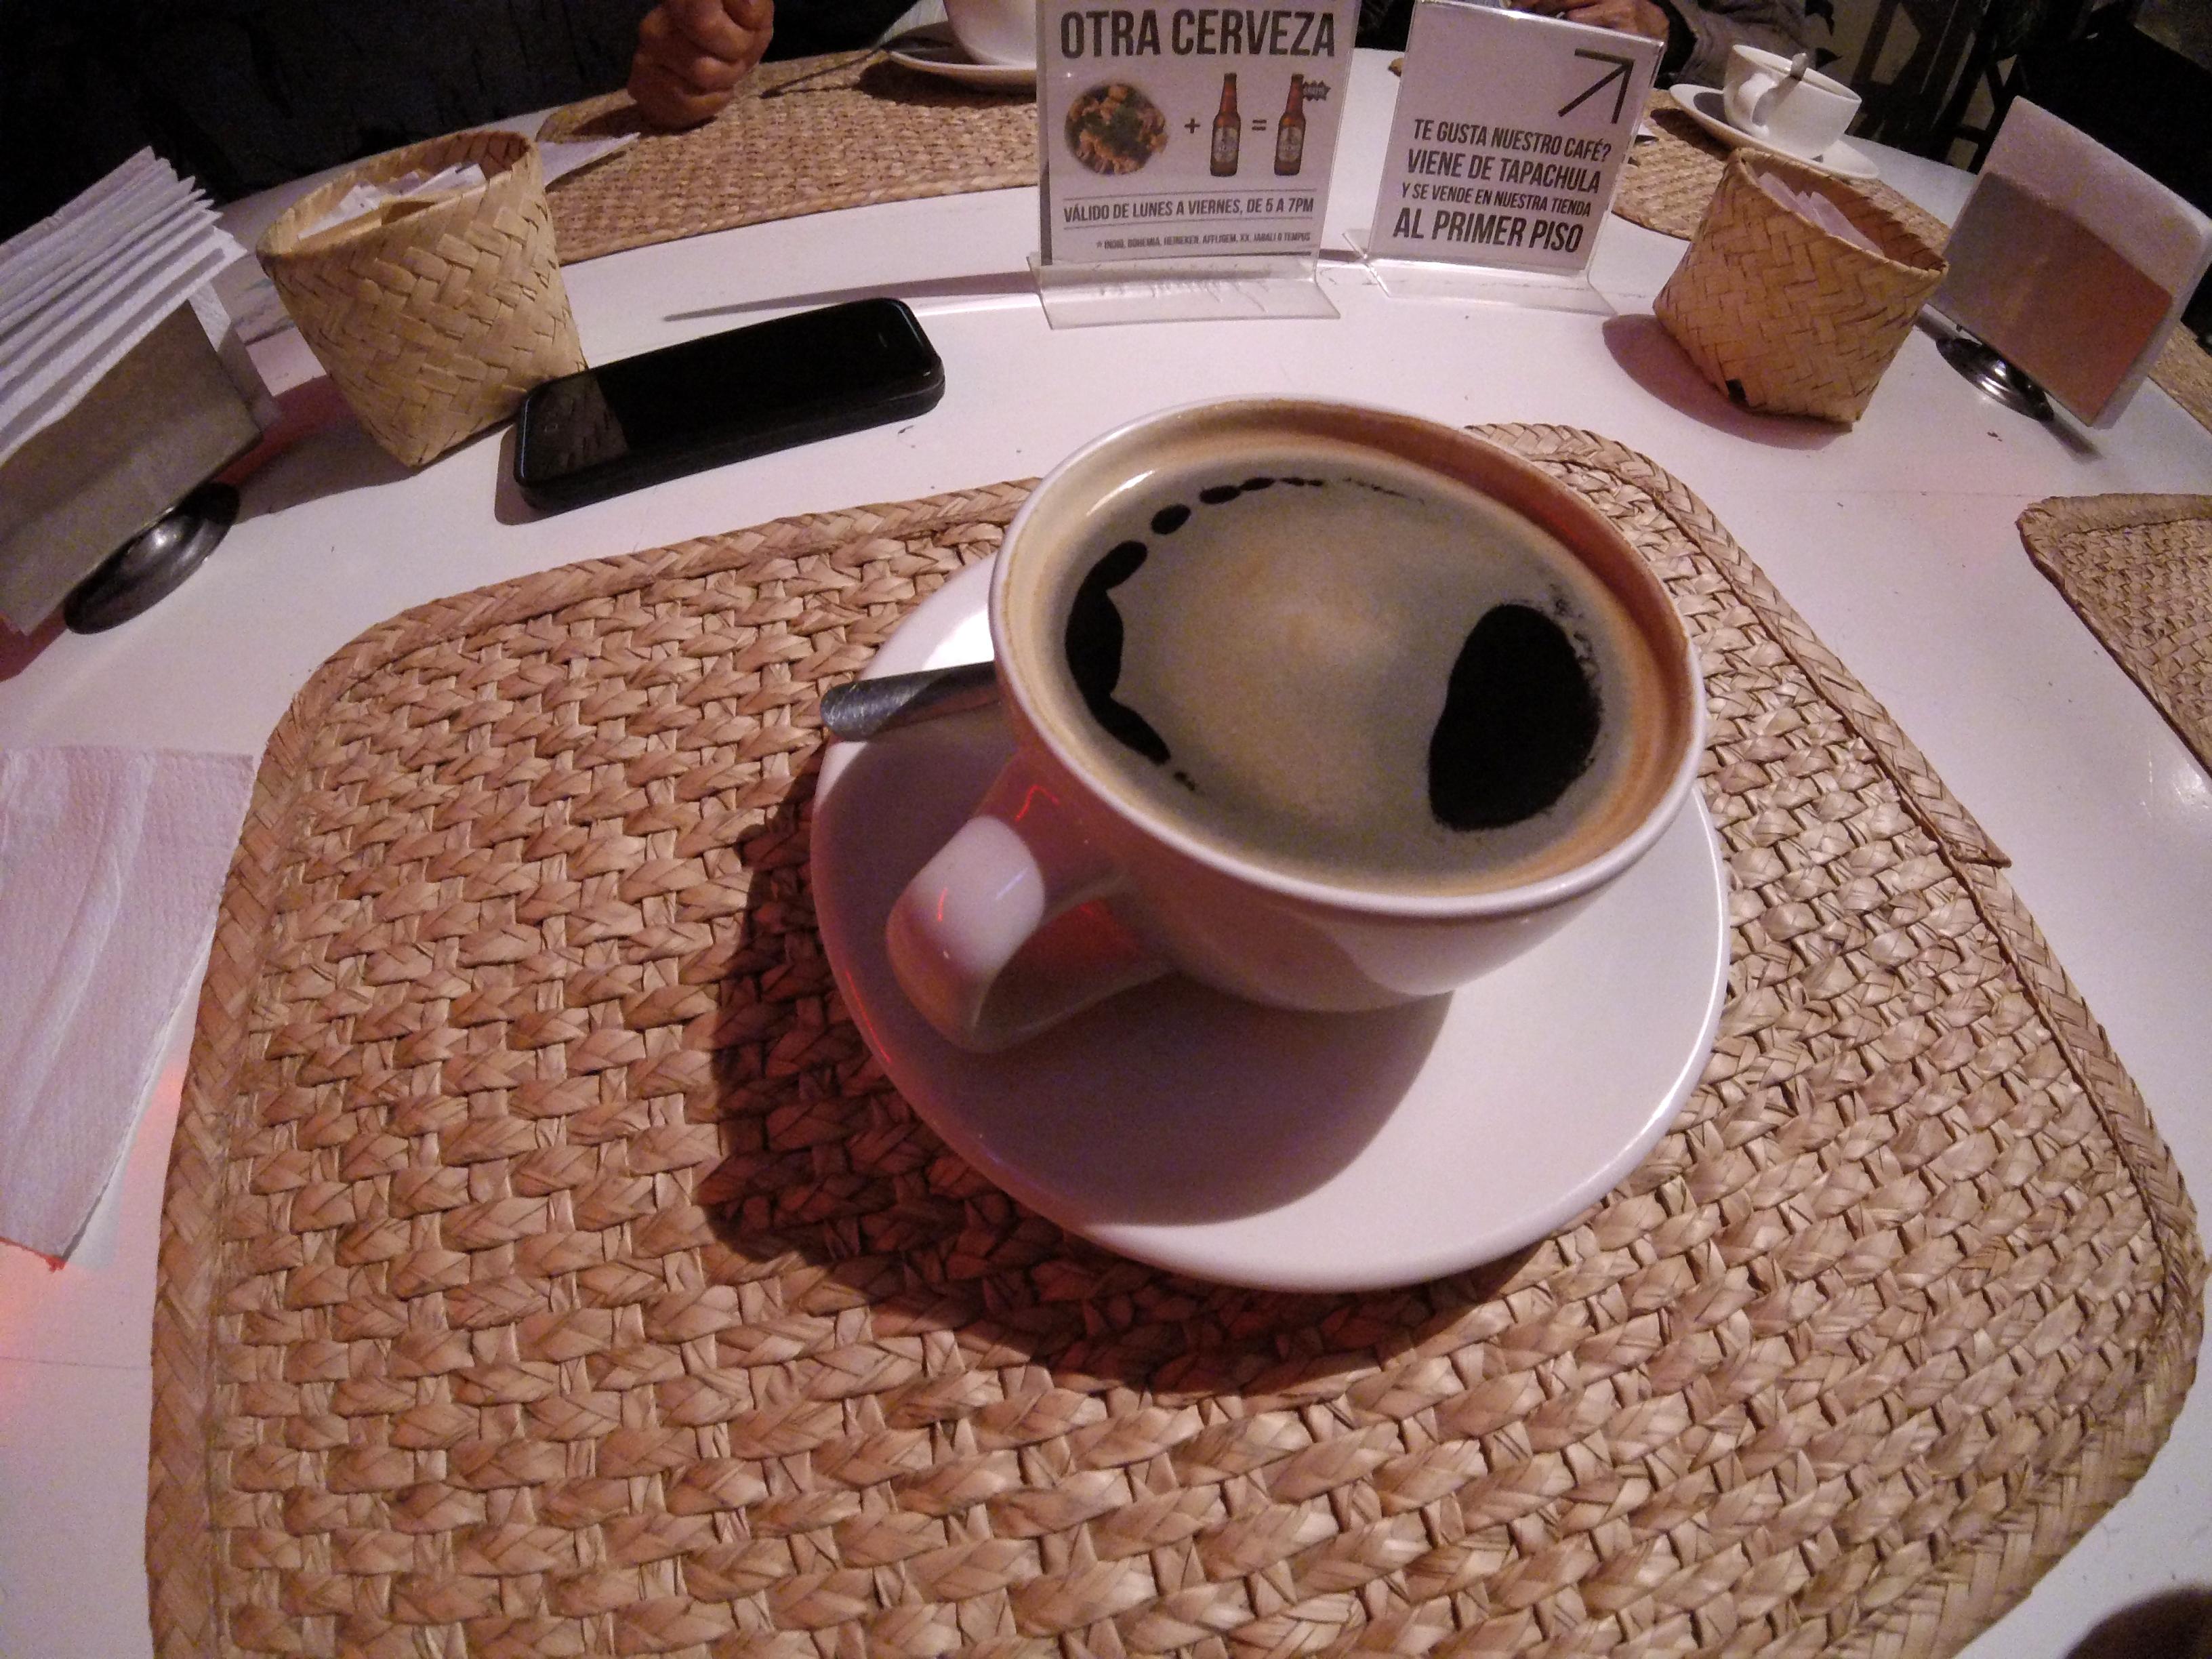 Coffee Culture In Mexico